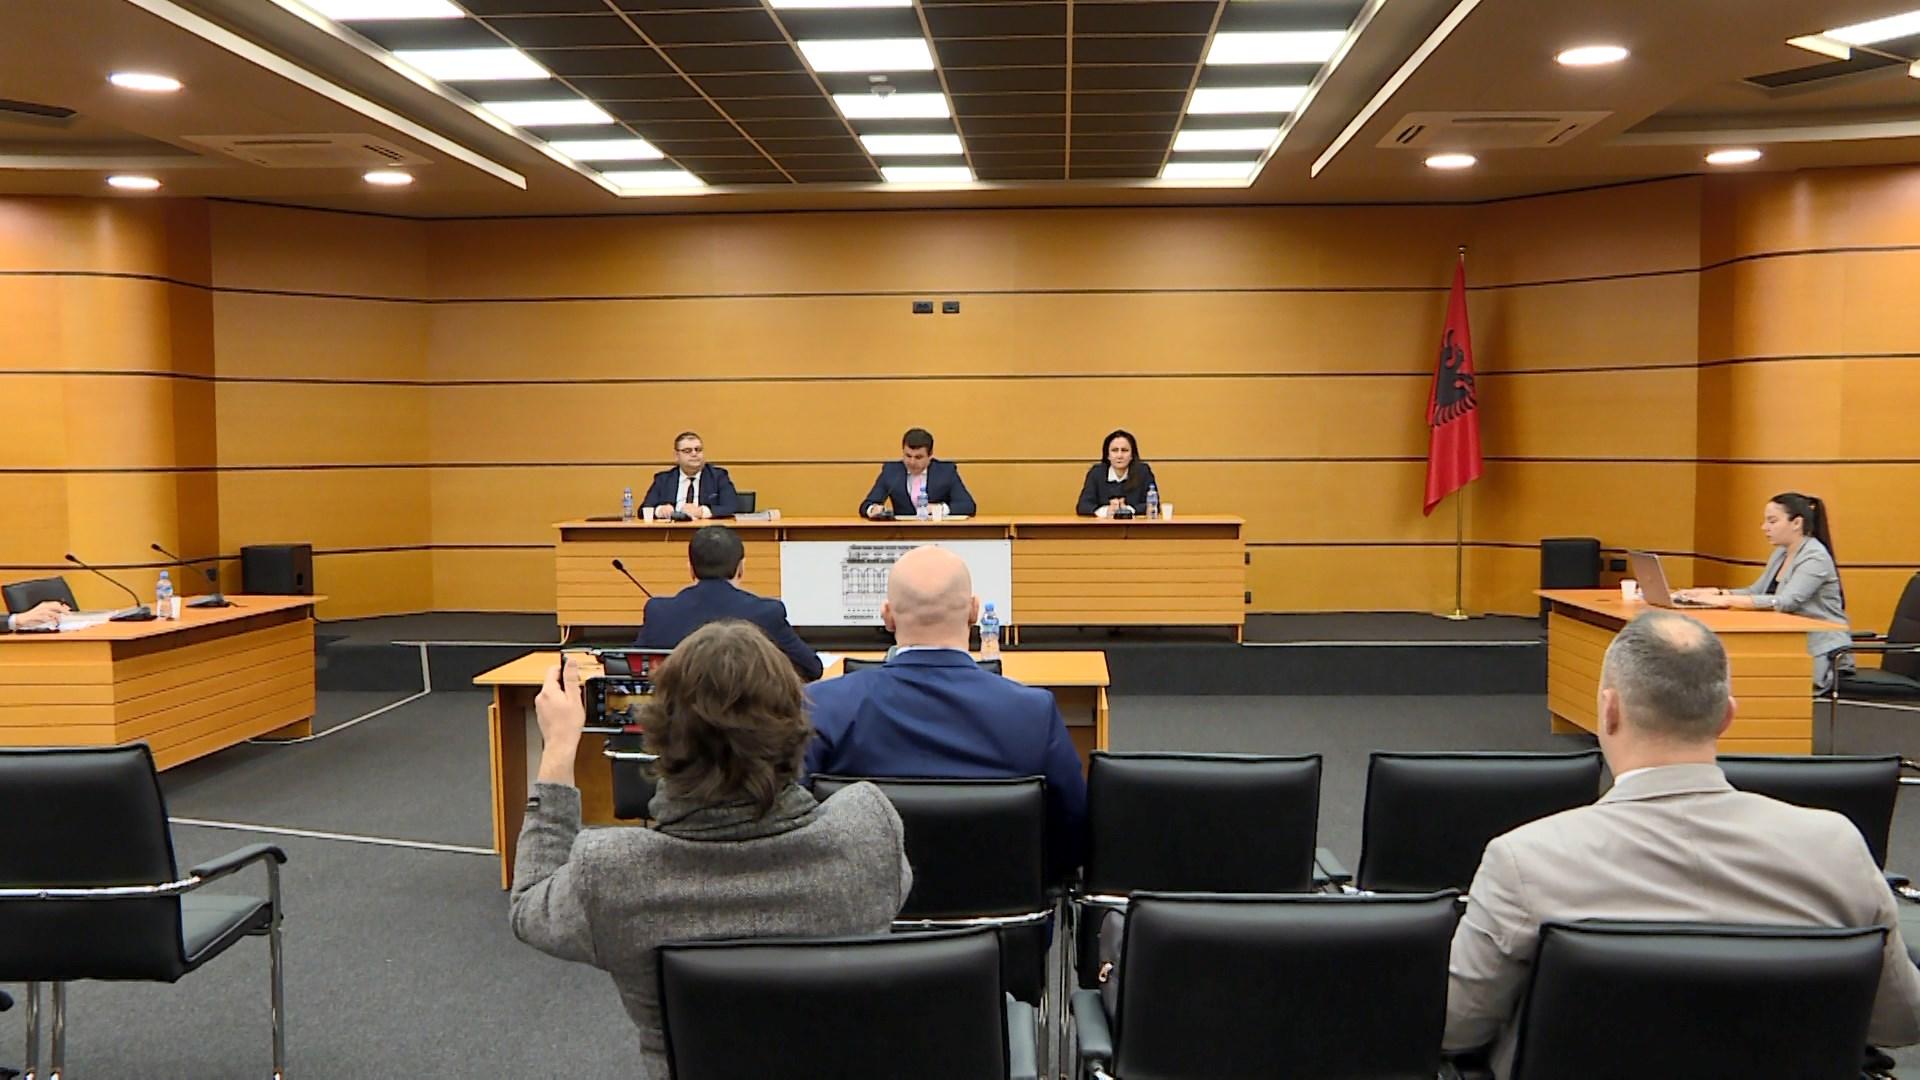 """KPK konfirmon në detyrë ish-gjyqtaren e dosjes """"Shullazi"""""""